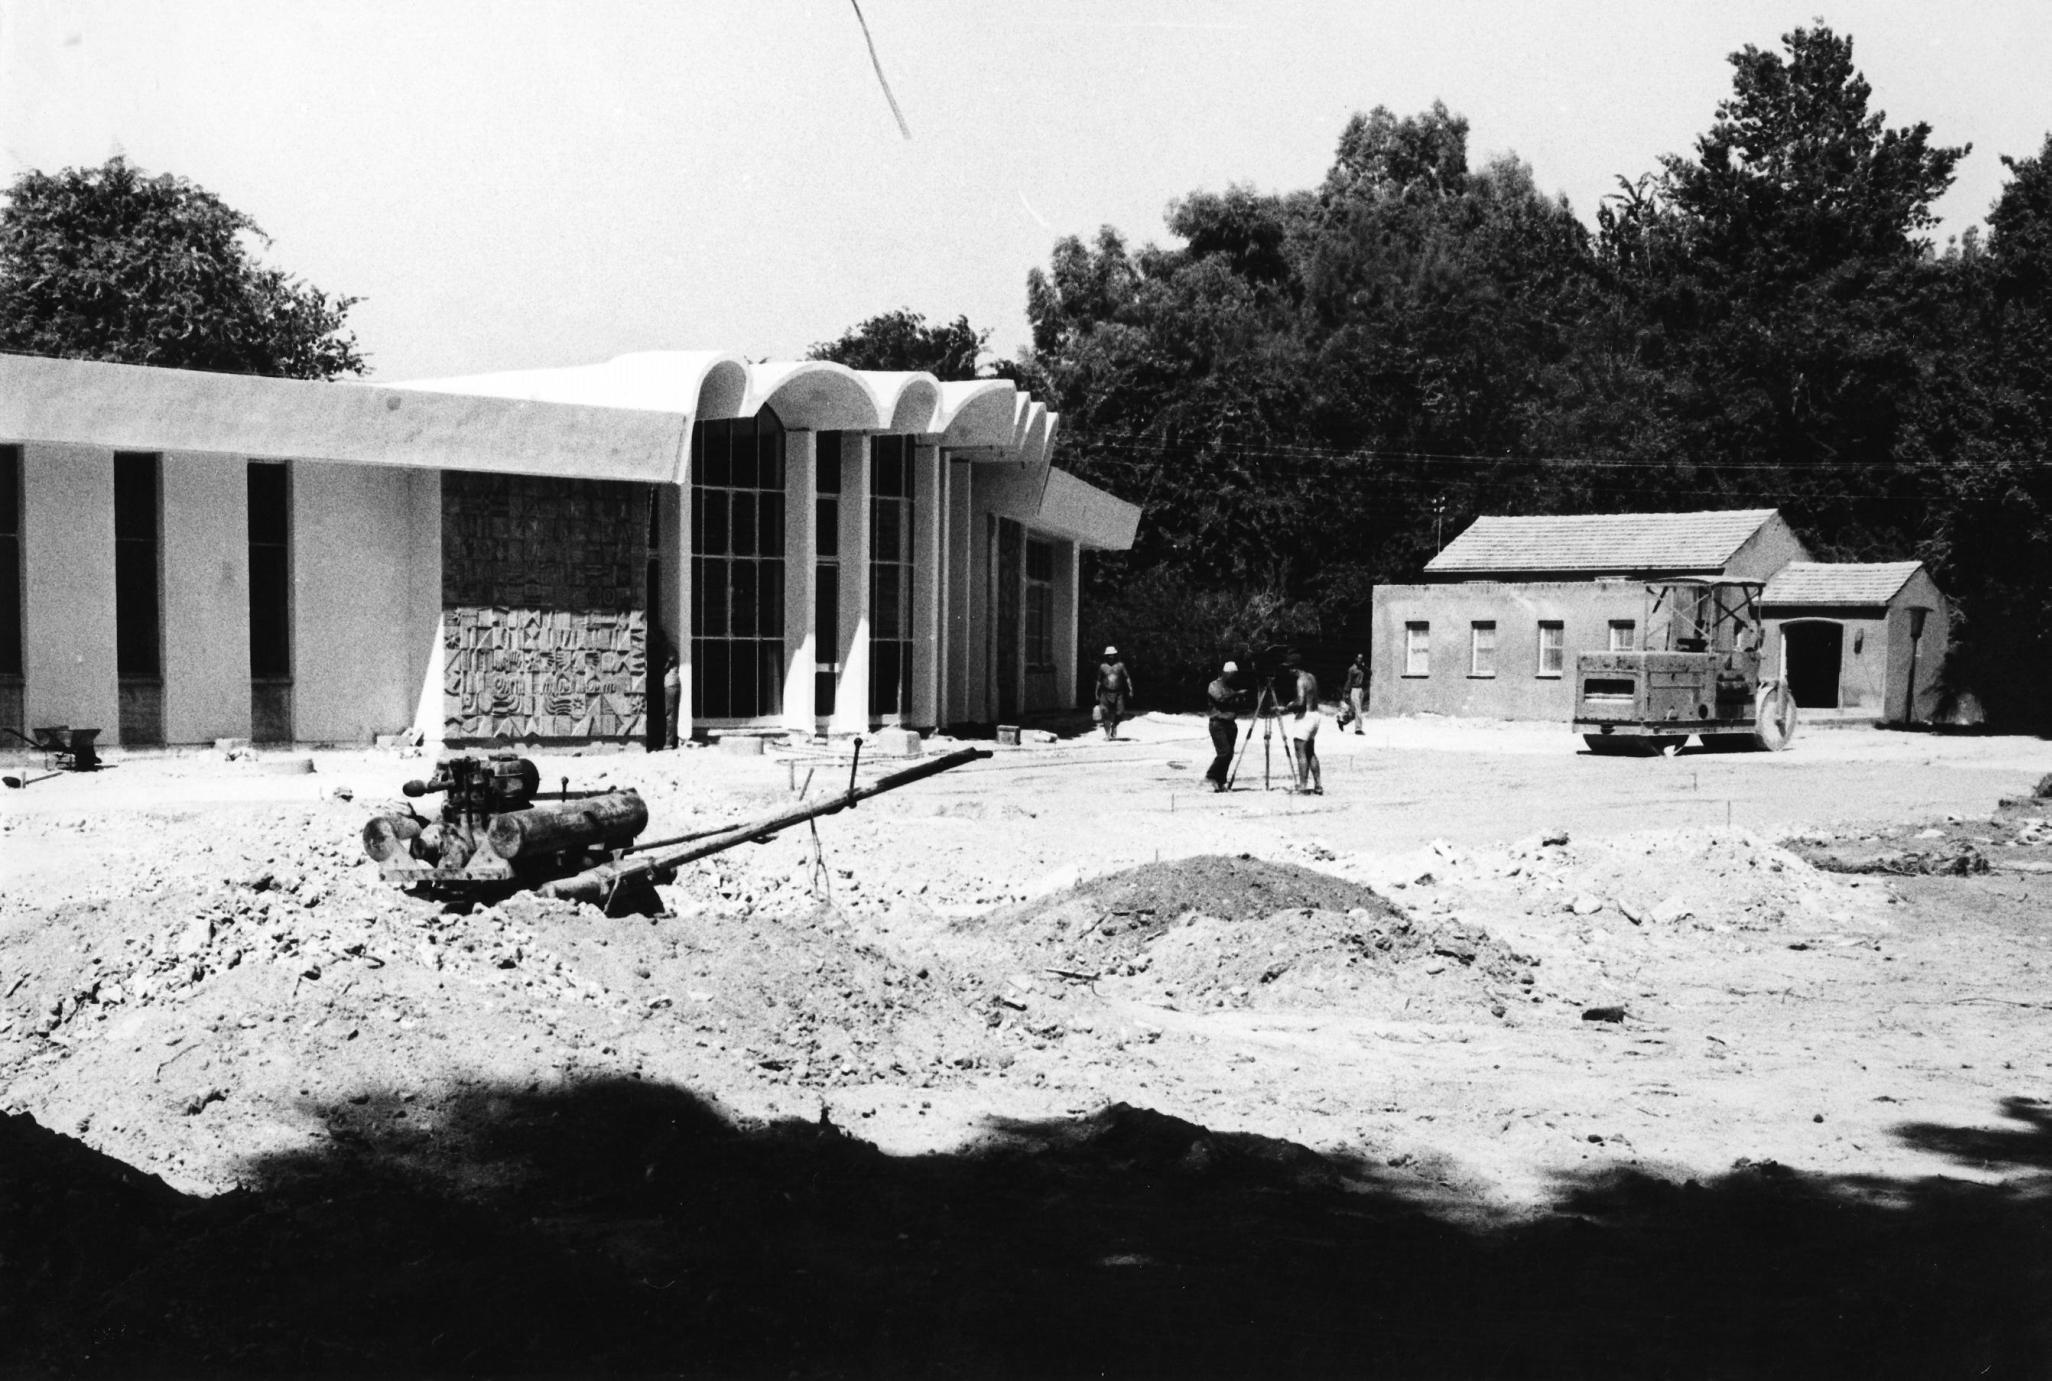 סיום בניית חדר האוכל הנוכחי, קיבוץ שער הגולן, 1968